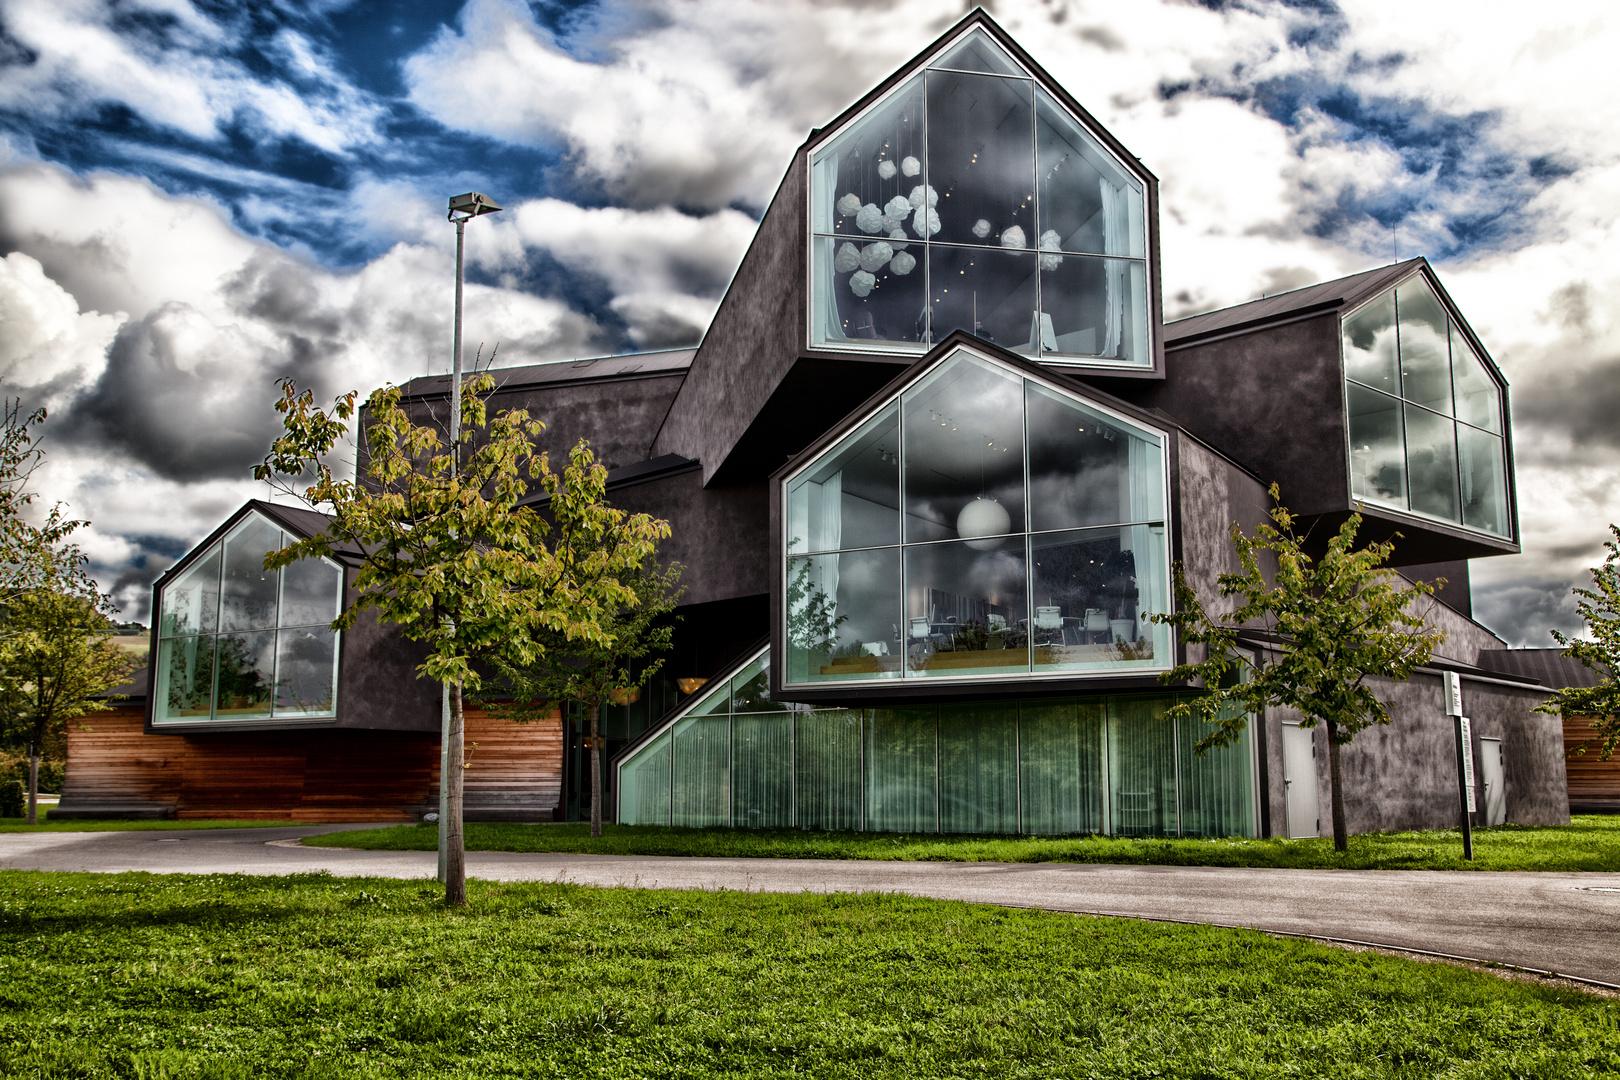 vitra design museum foto bild world europe kt basel stadt bilder auf fotocommunity. Black Bedroom Furniture Sets. Home Design Ideas